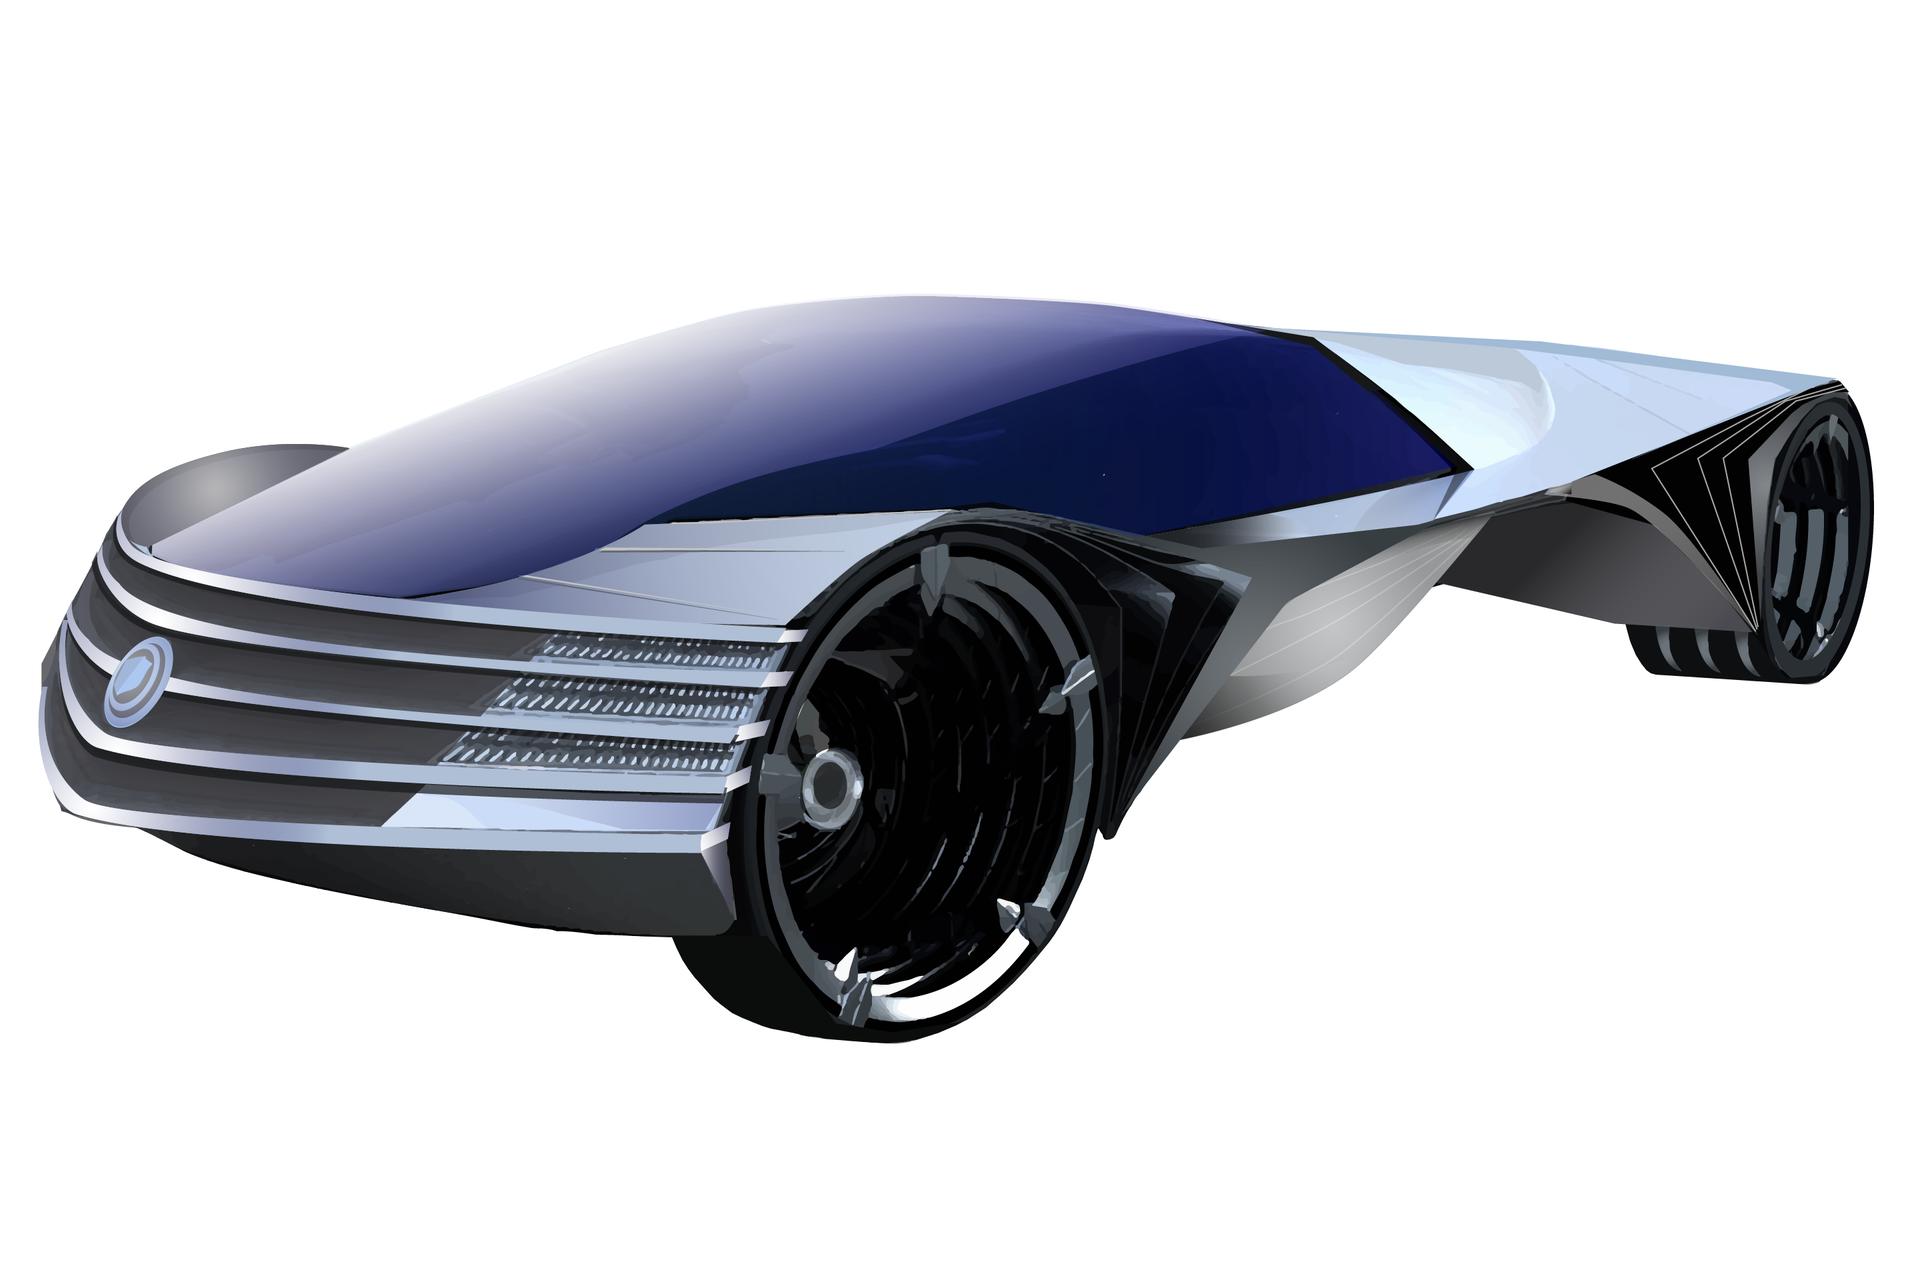 Grafika przedstawiająca samochód